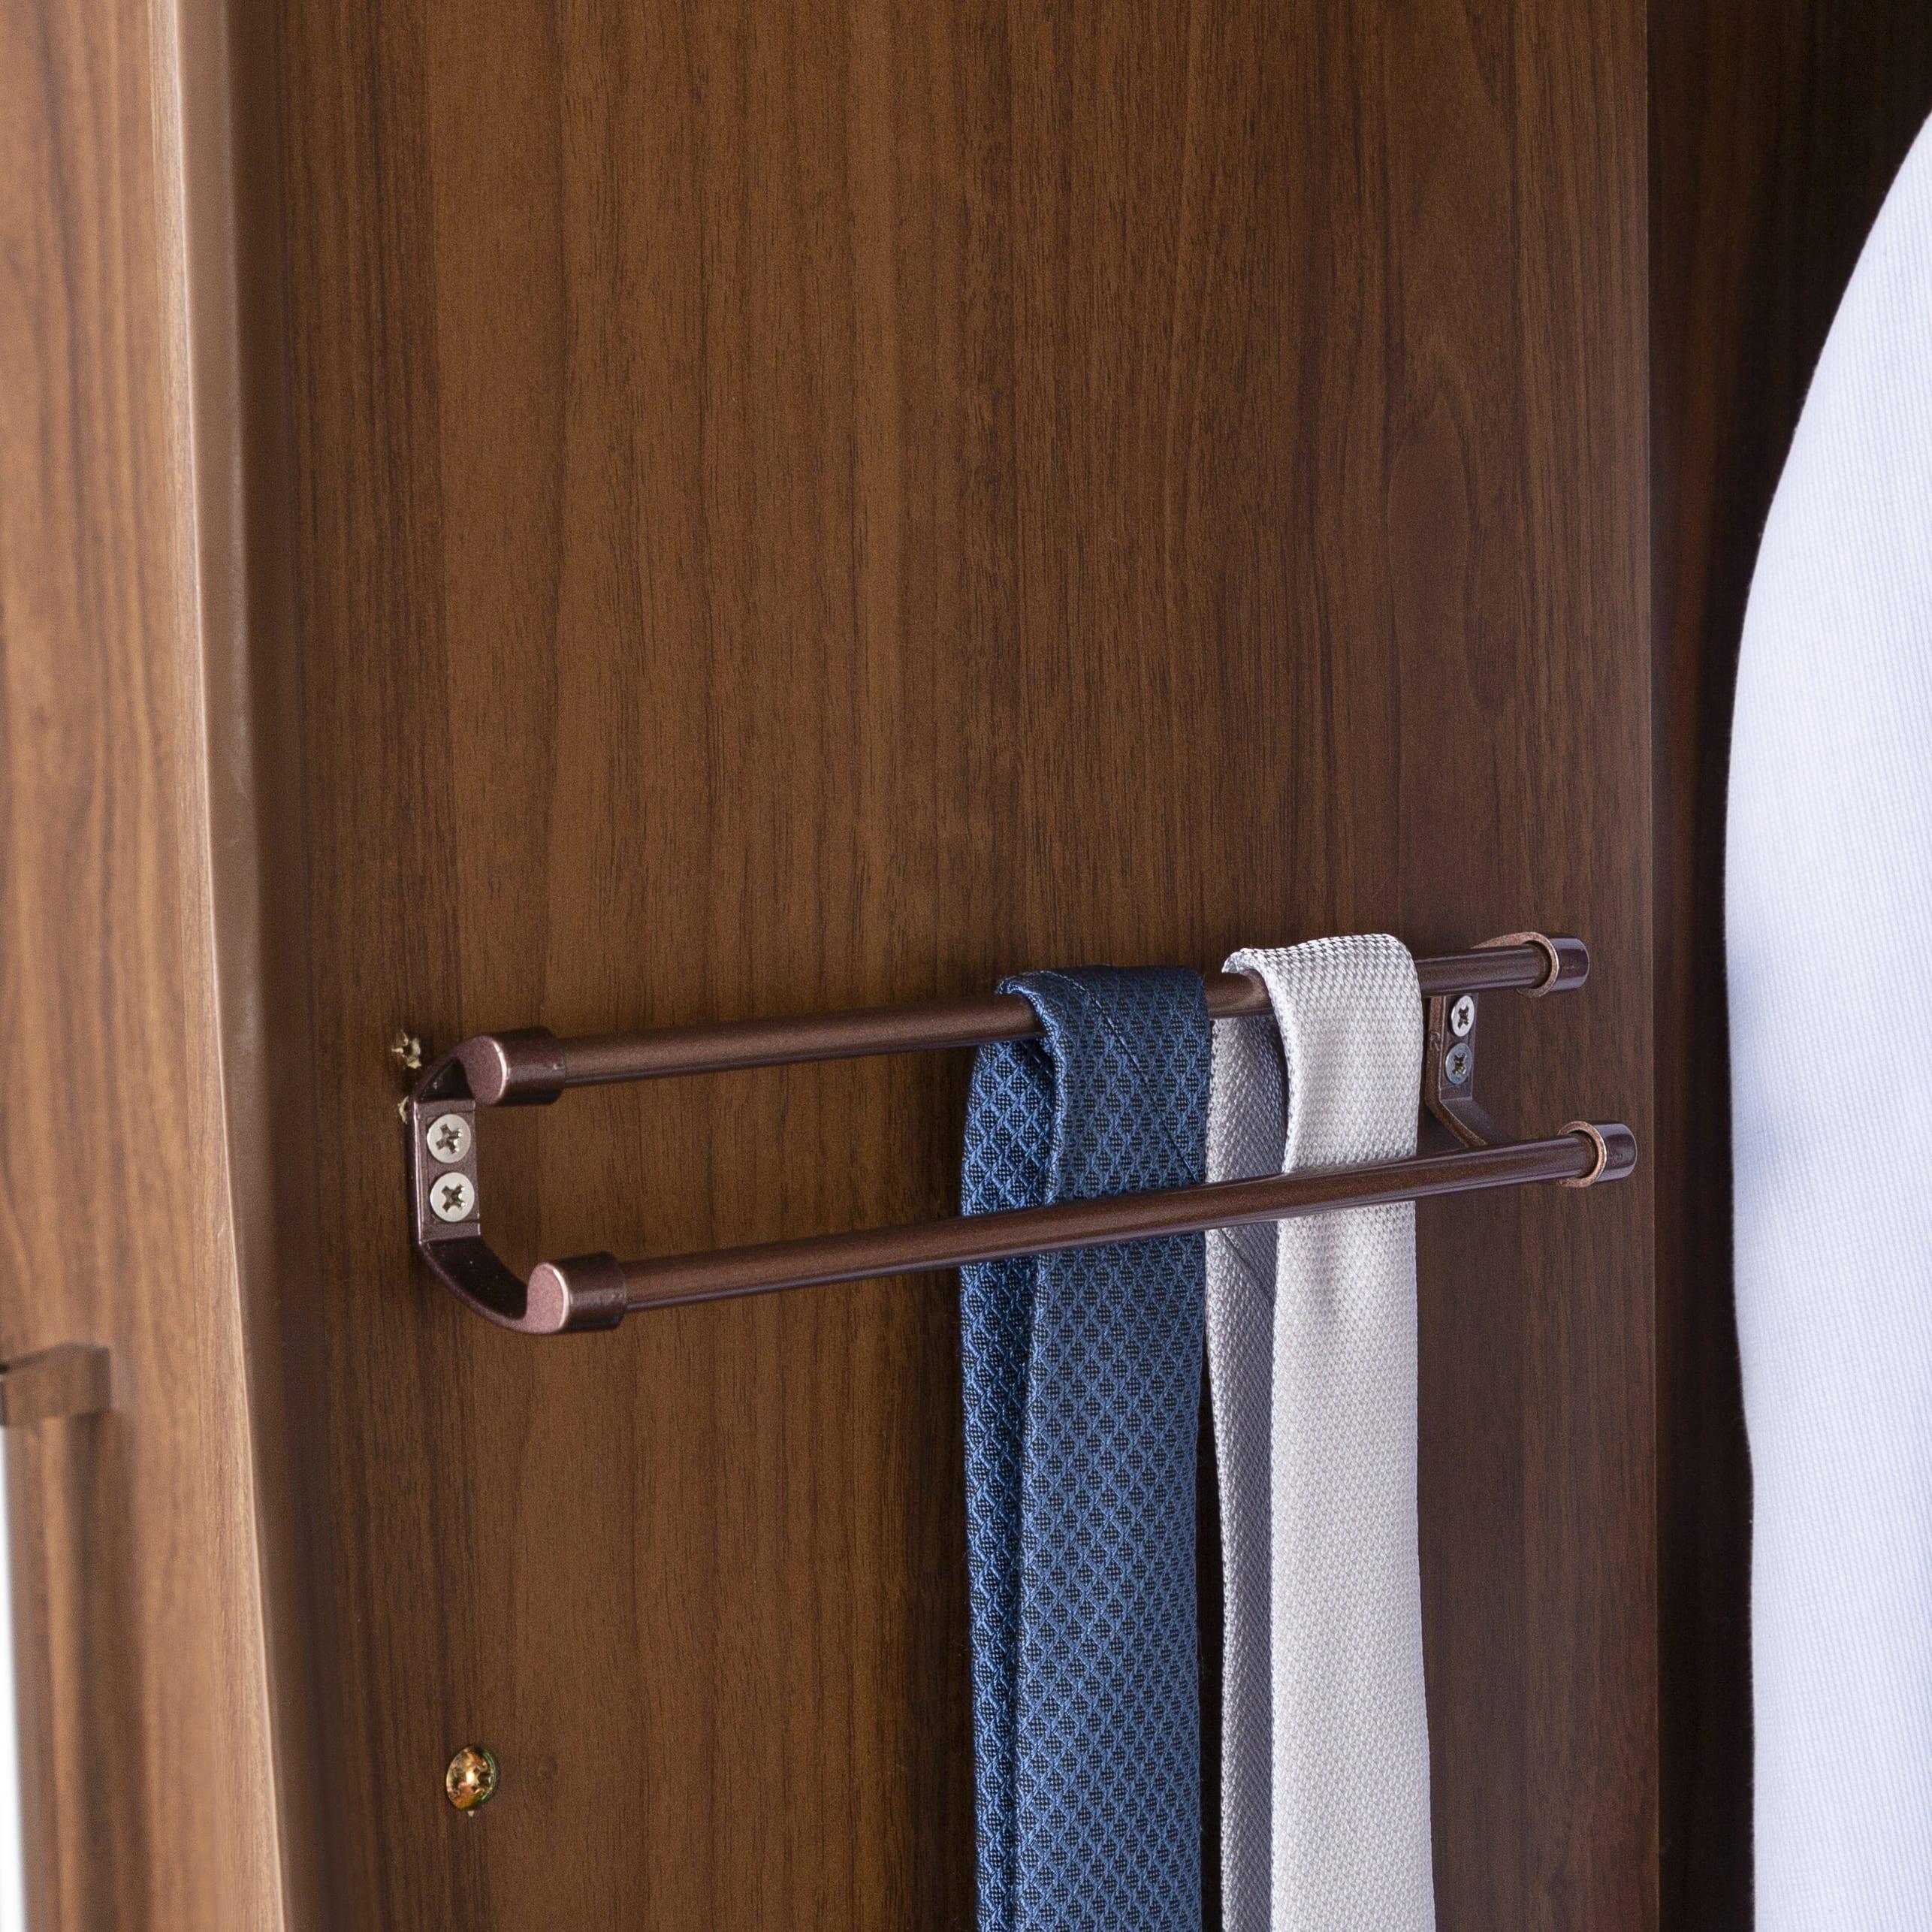 洋服タンス ナット 60 グレー/取手ゴールド:ねじ込み式ダボで調節簡単